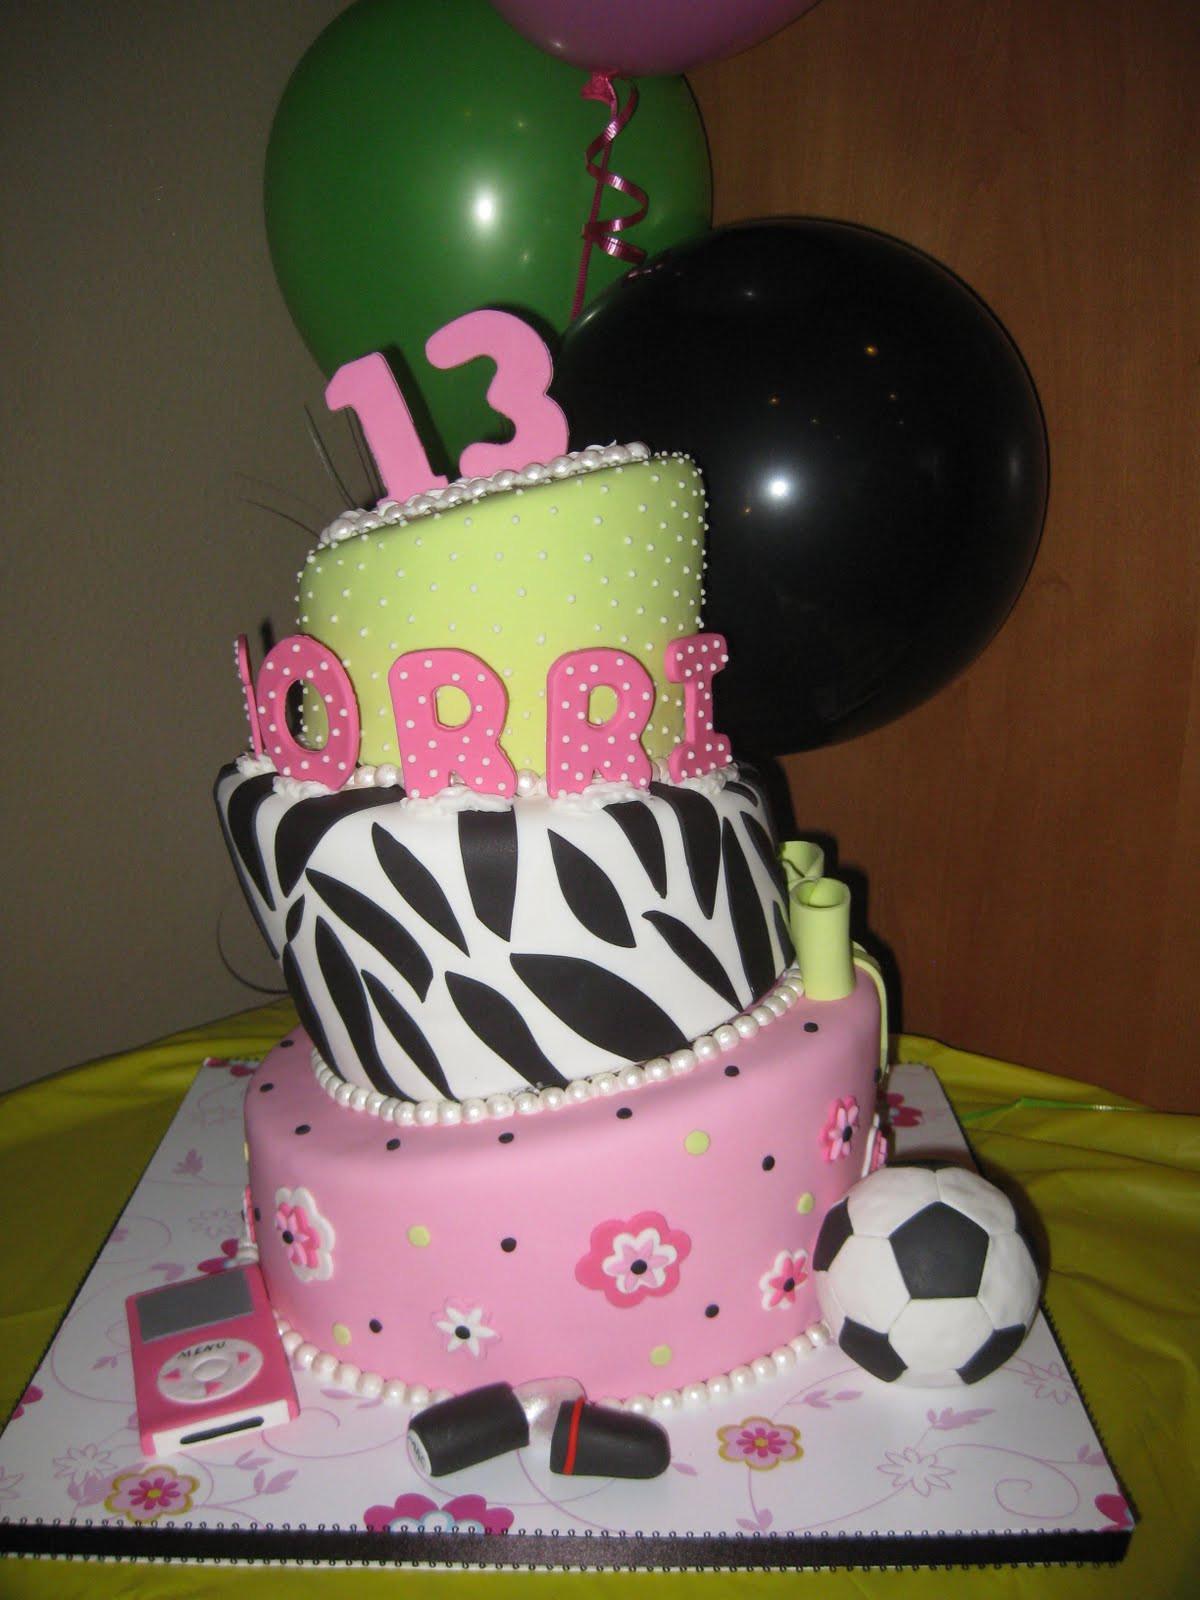 13 Years Old Birthday Cake  Sugar Chef 13TH BIRTHDAY CAKE